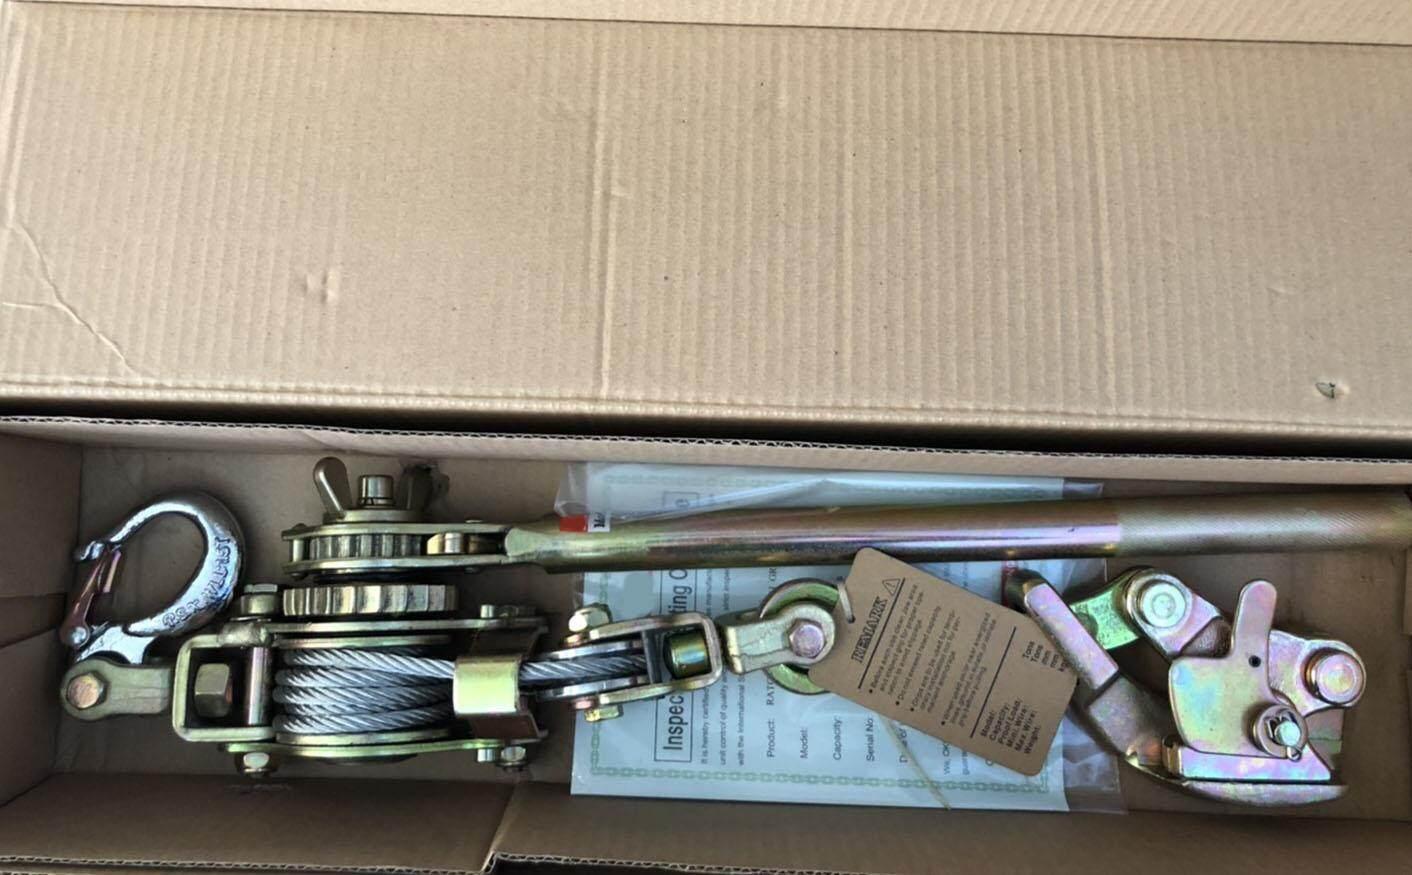 รอกสลิงดึงสายไฟ พร้อมกริ๊ปจับสายไฟ 2 ตัน 4-22 mm. Ratchet Puller XYLON/XY1506